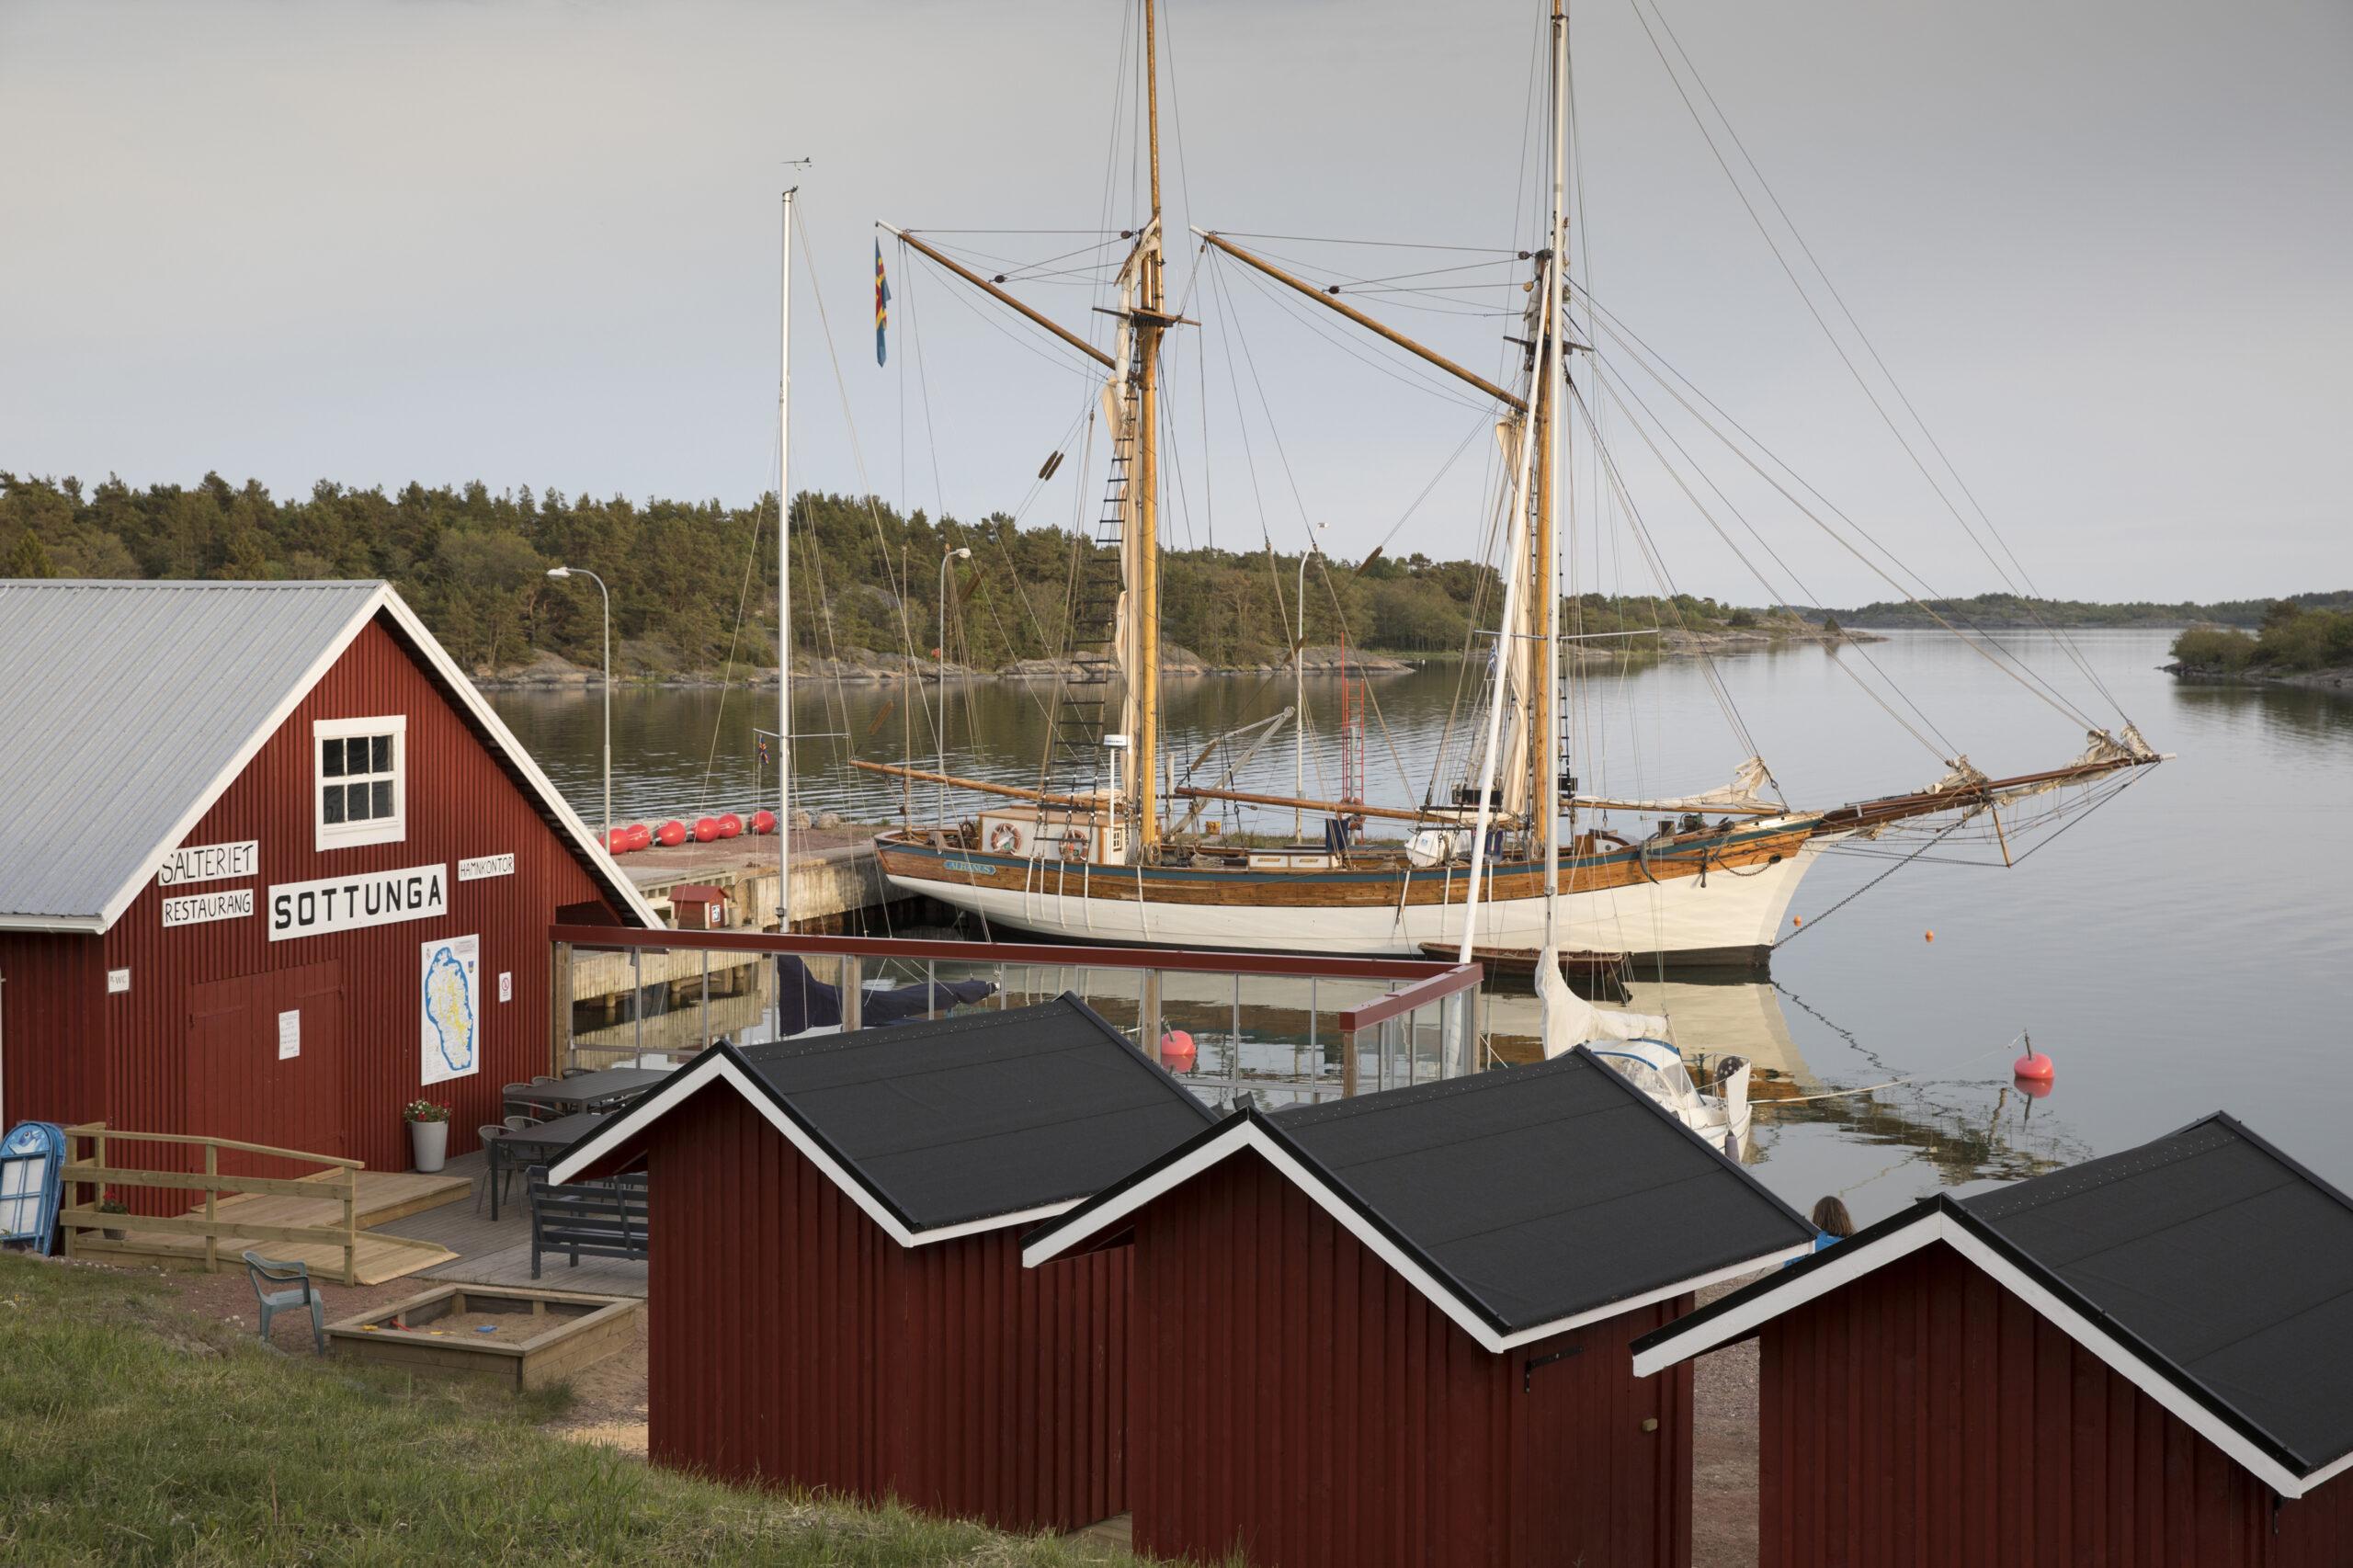 Sottunga harbour